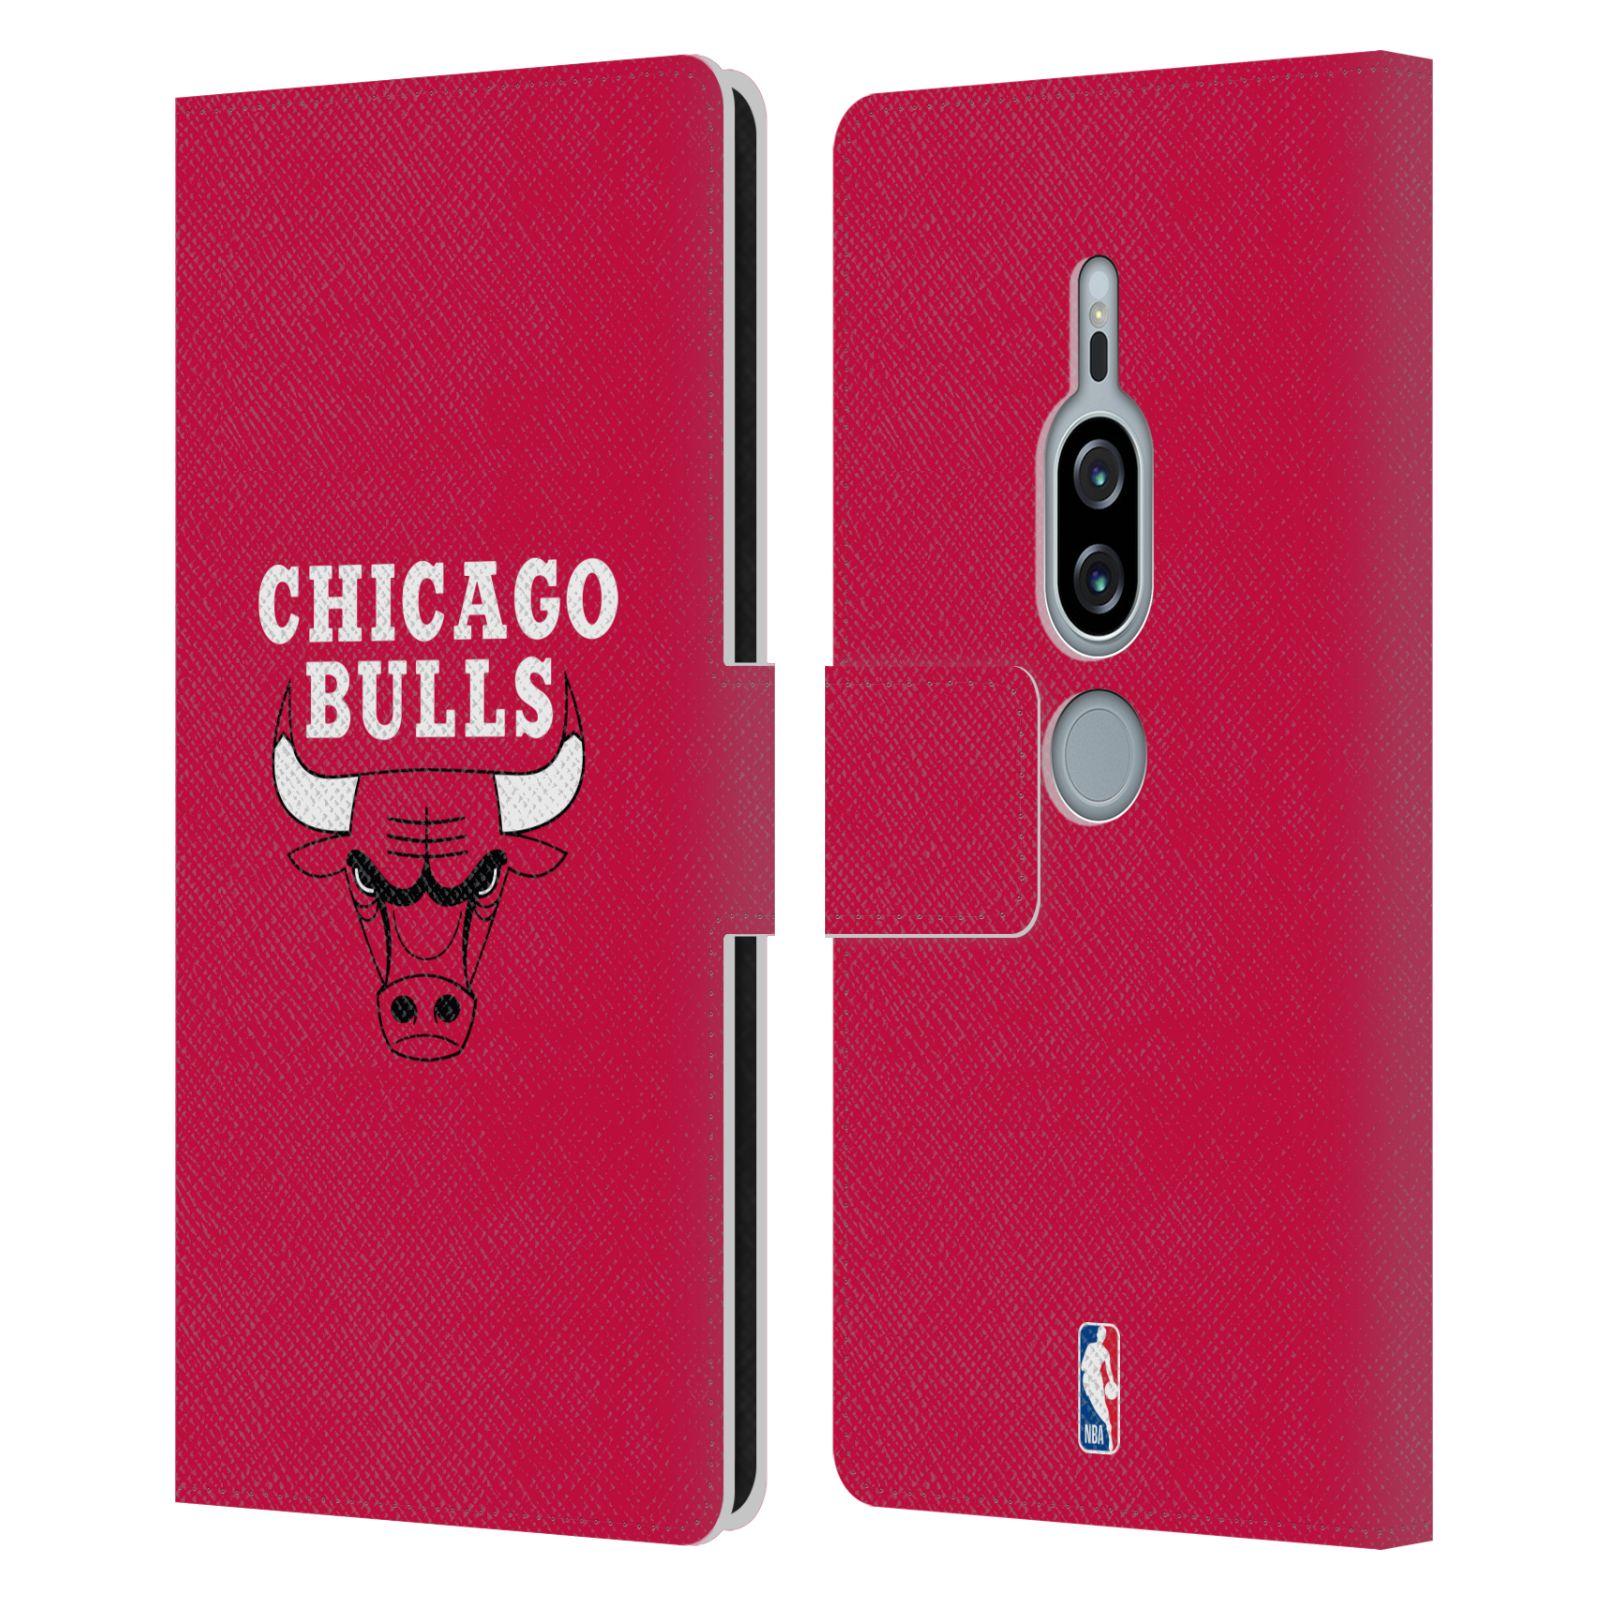 Pouzdro na mobil Sony Xperia XZ2 Premium - Head Case -NBA - Chicago Bulls červená barva znak